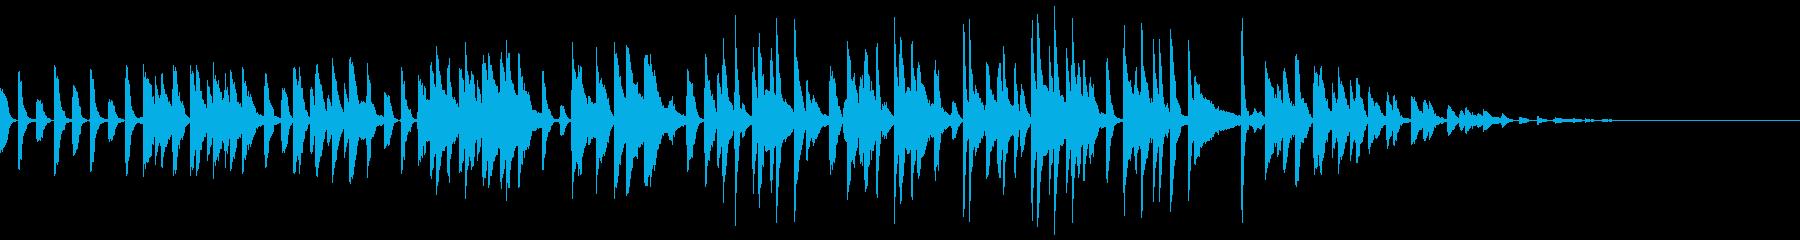 壊れたラジオから流れるラグタイム風BGMの再生済みの波形